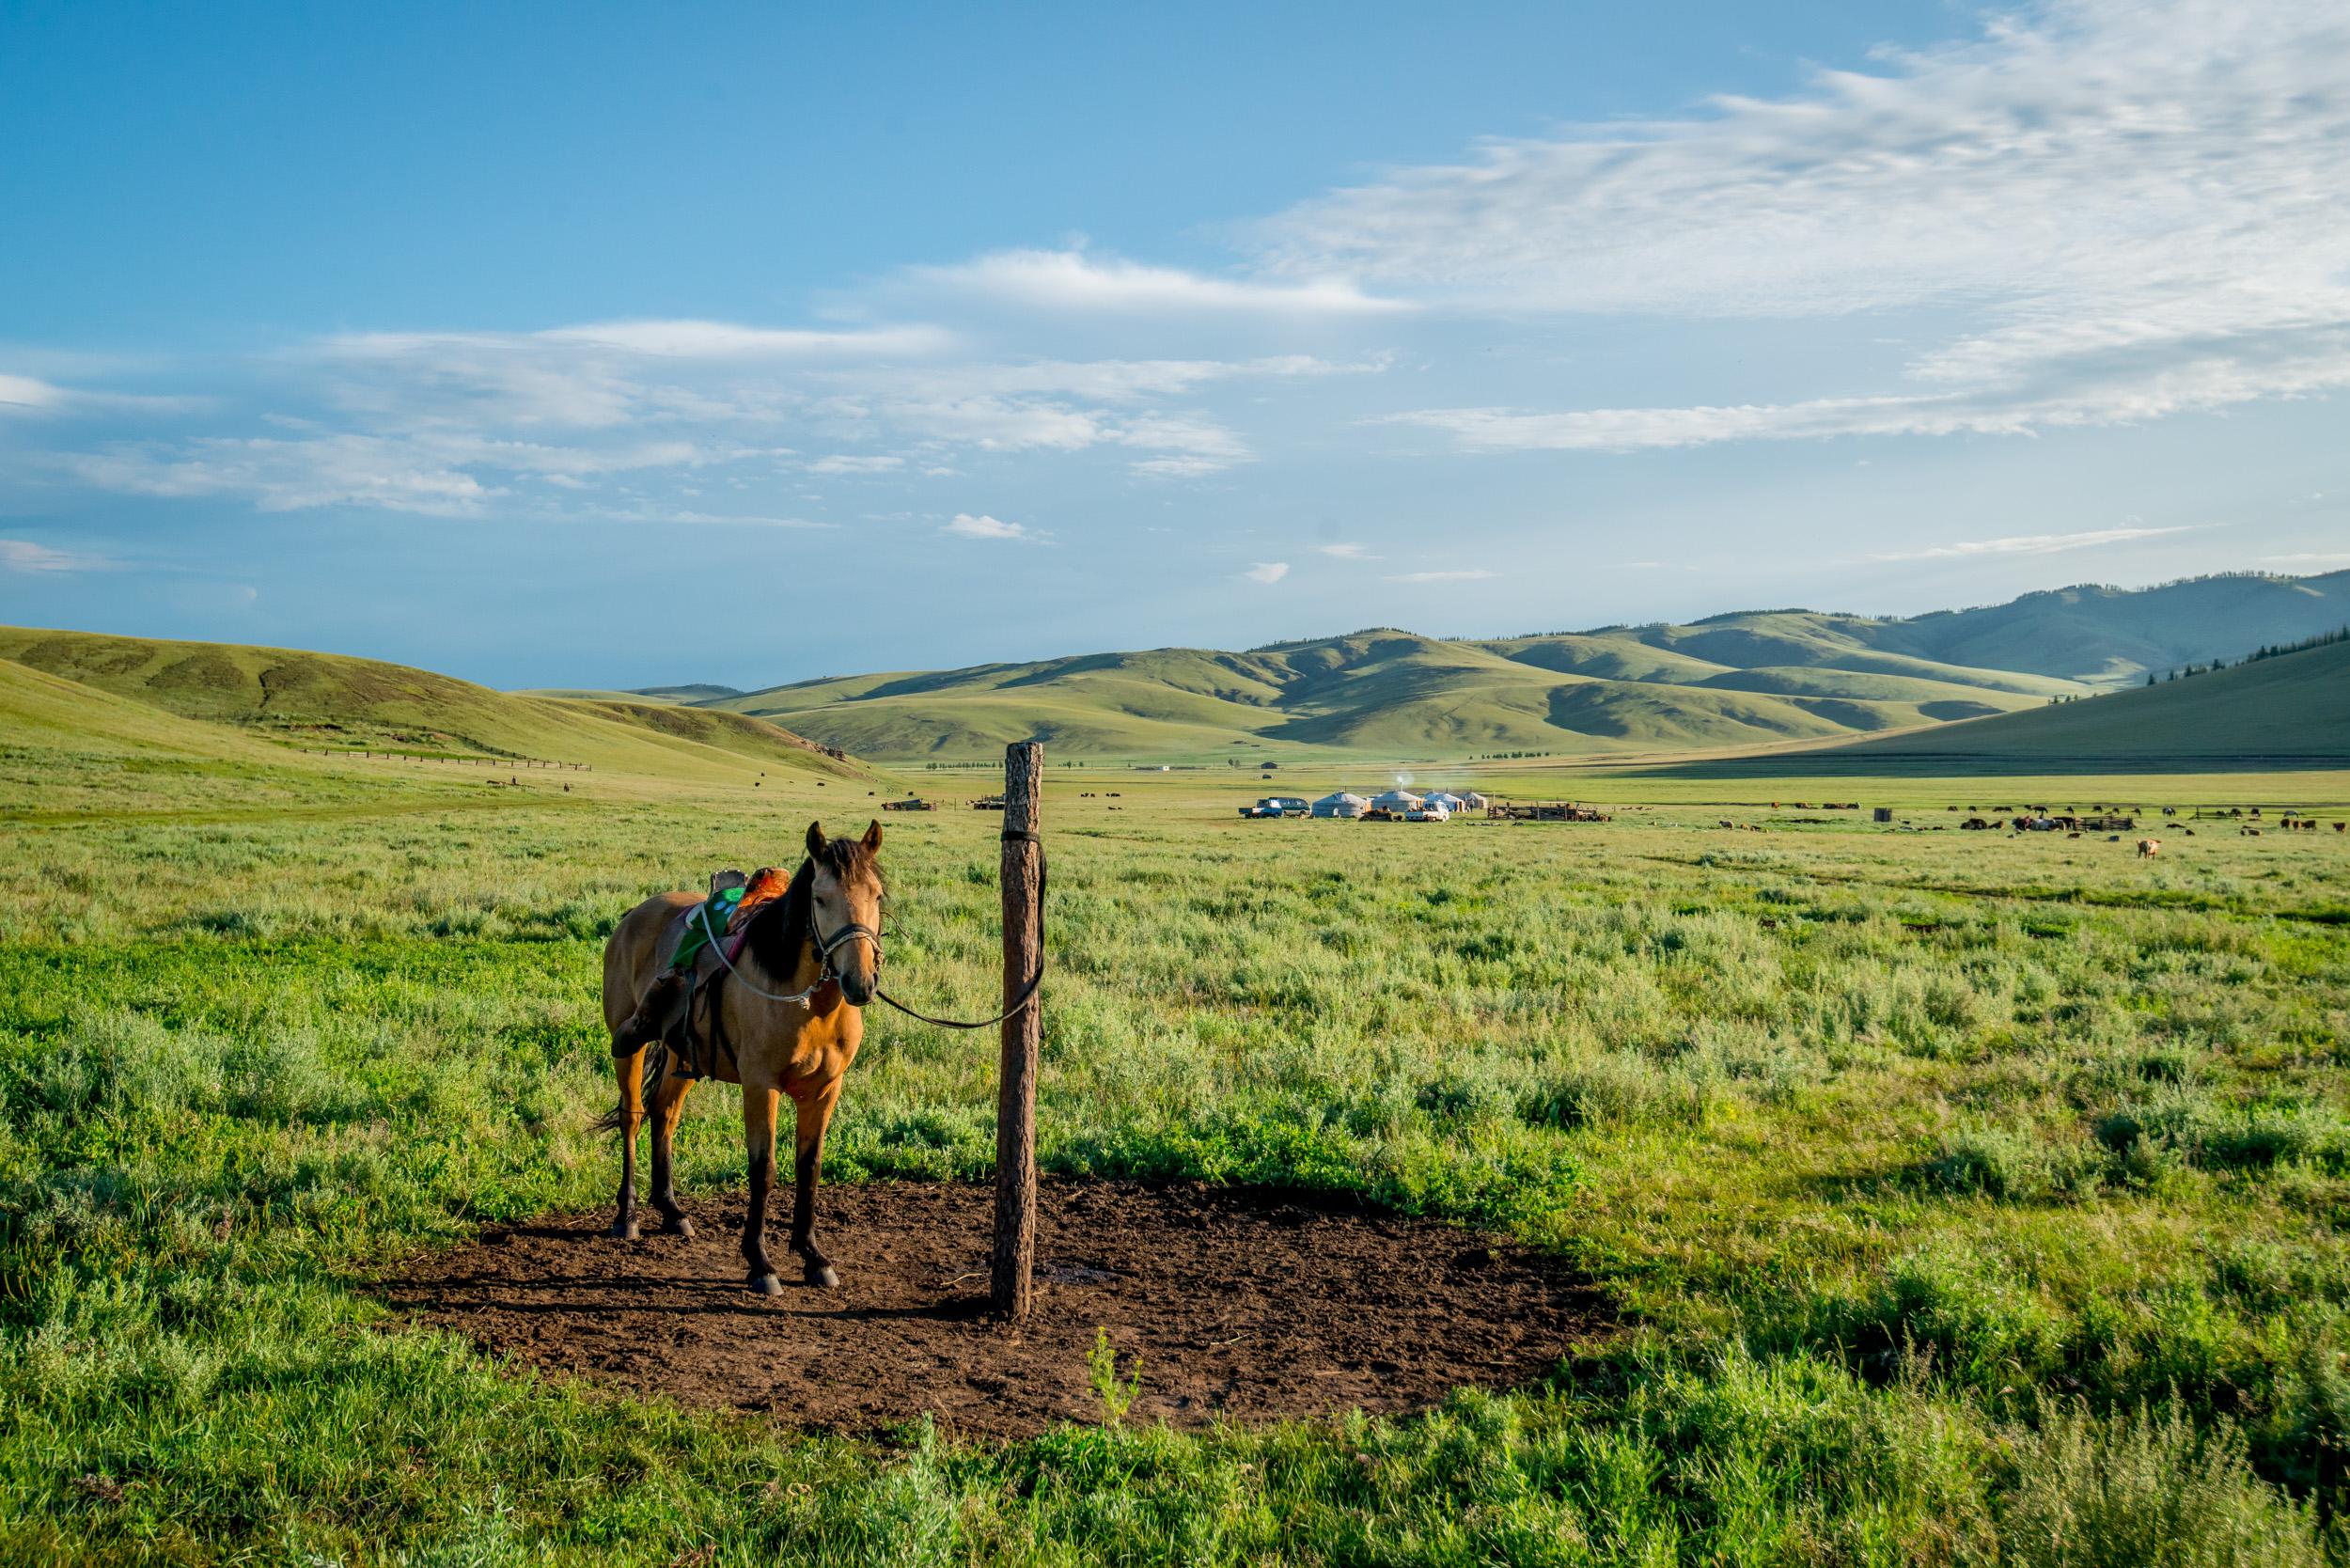 Mongolia-9.jpg